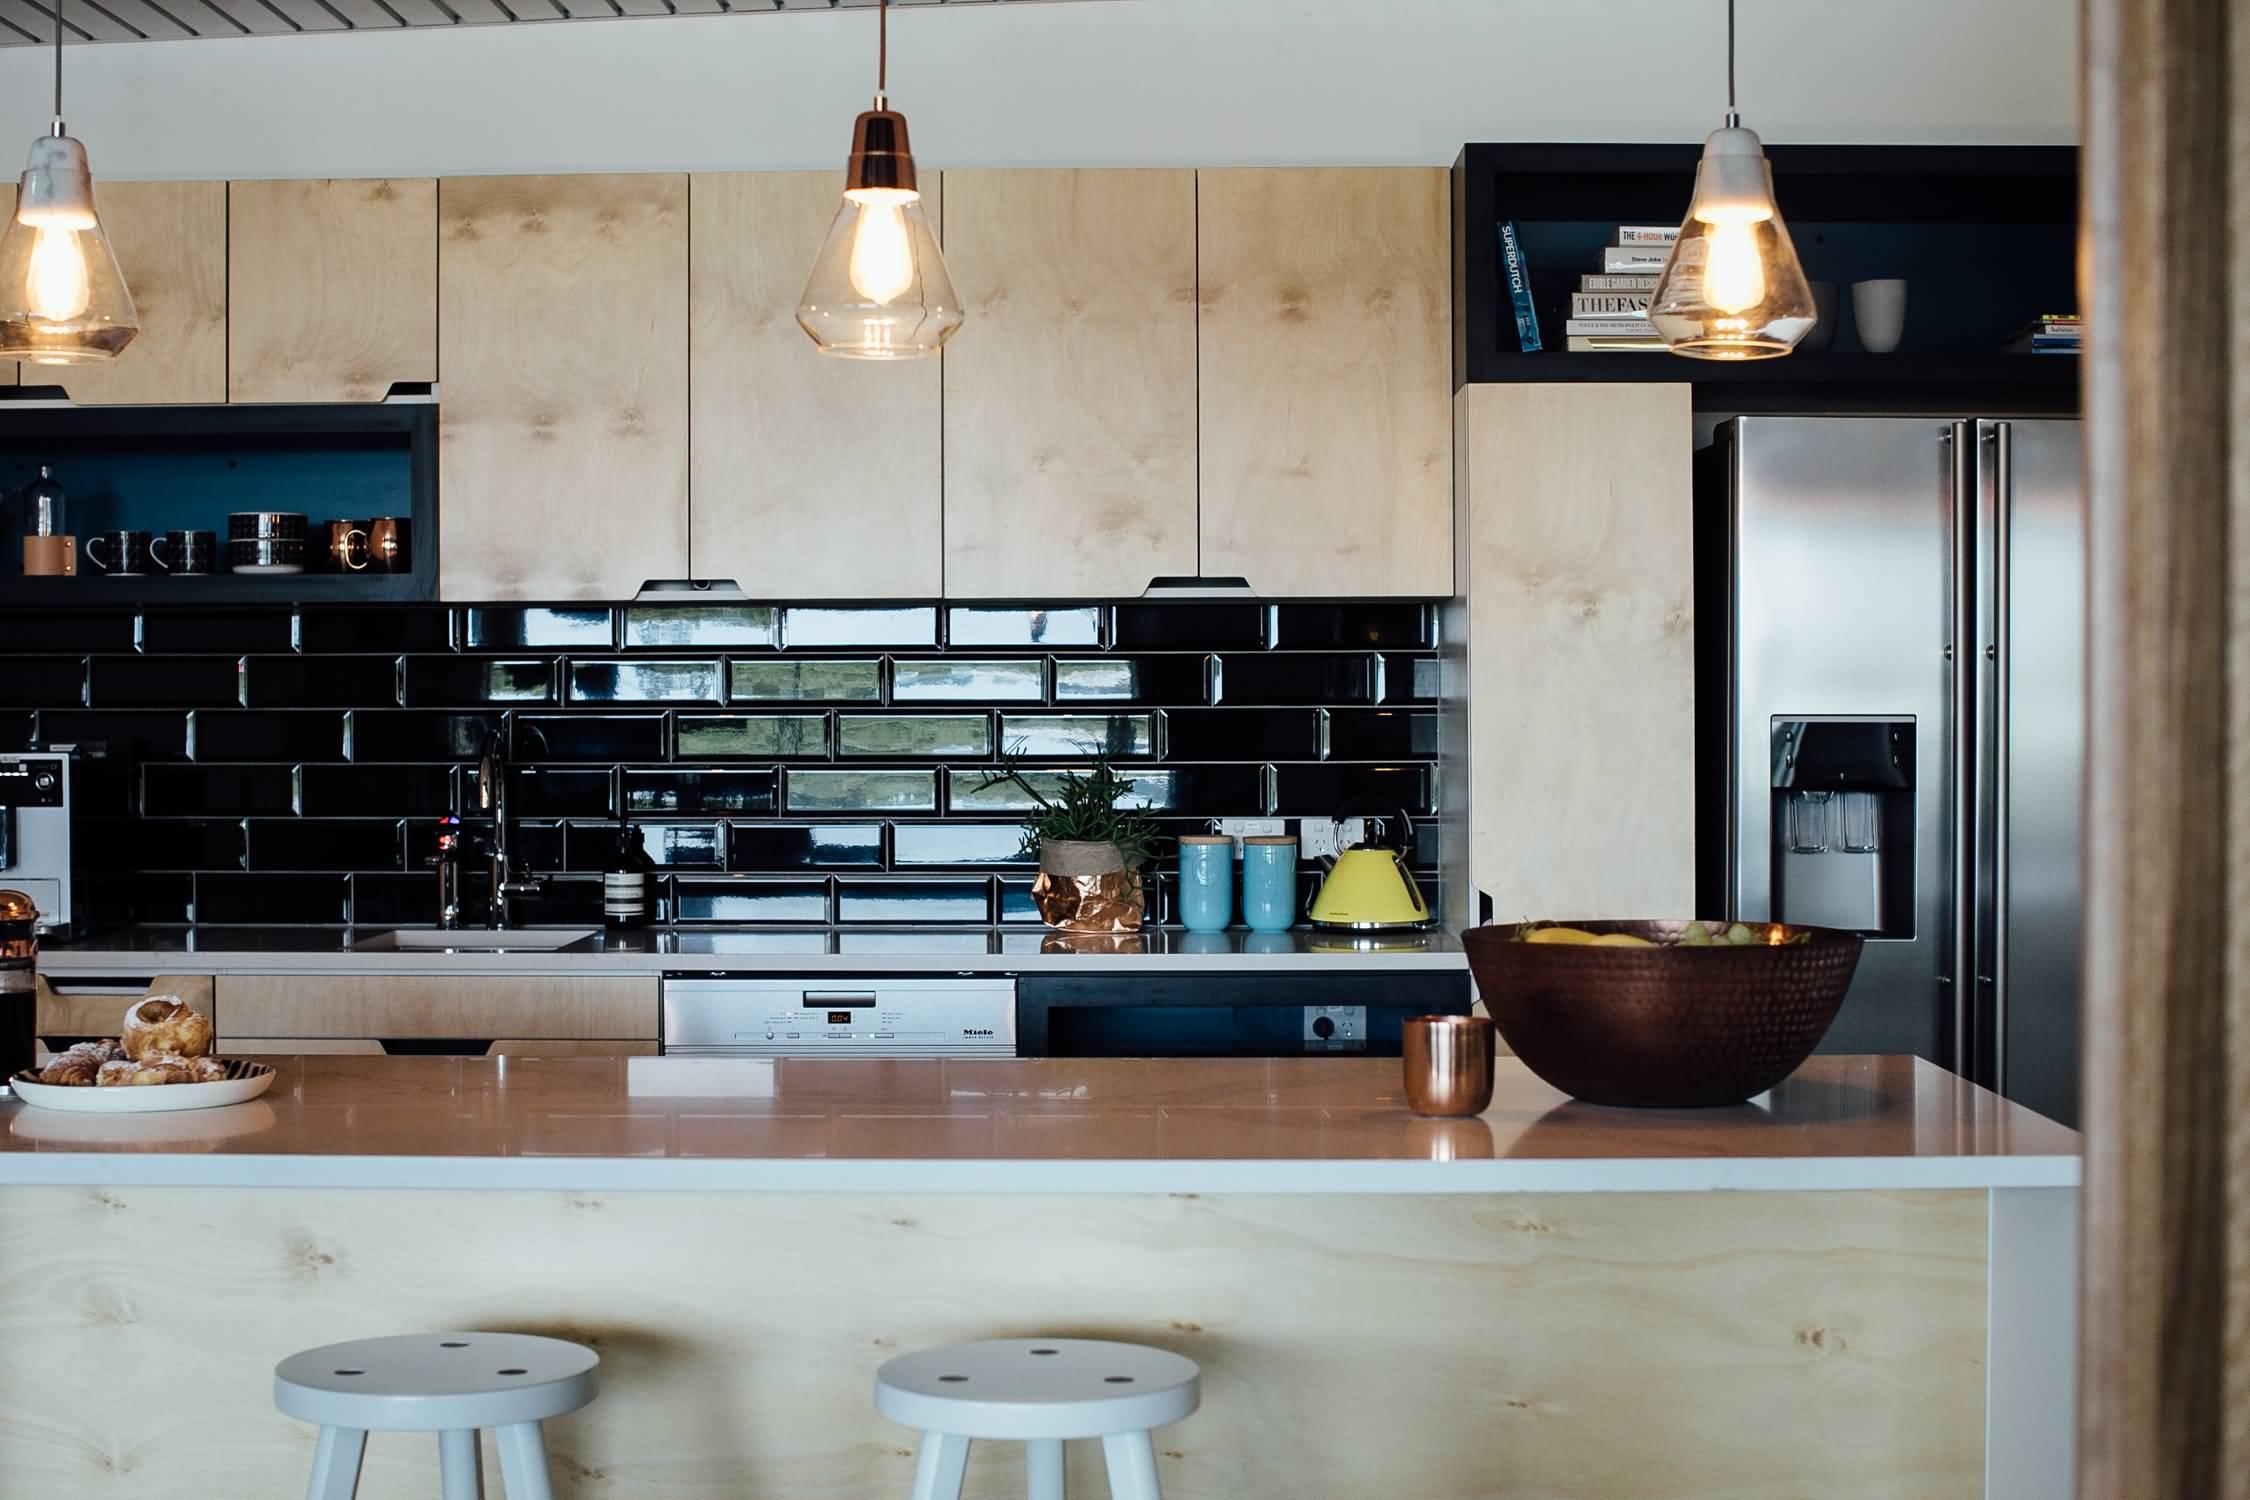 Guymer-bailey-architects-inbox-workspace-interiors-07.JPG